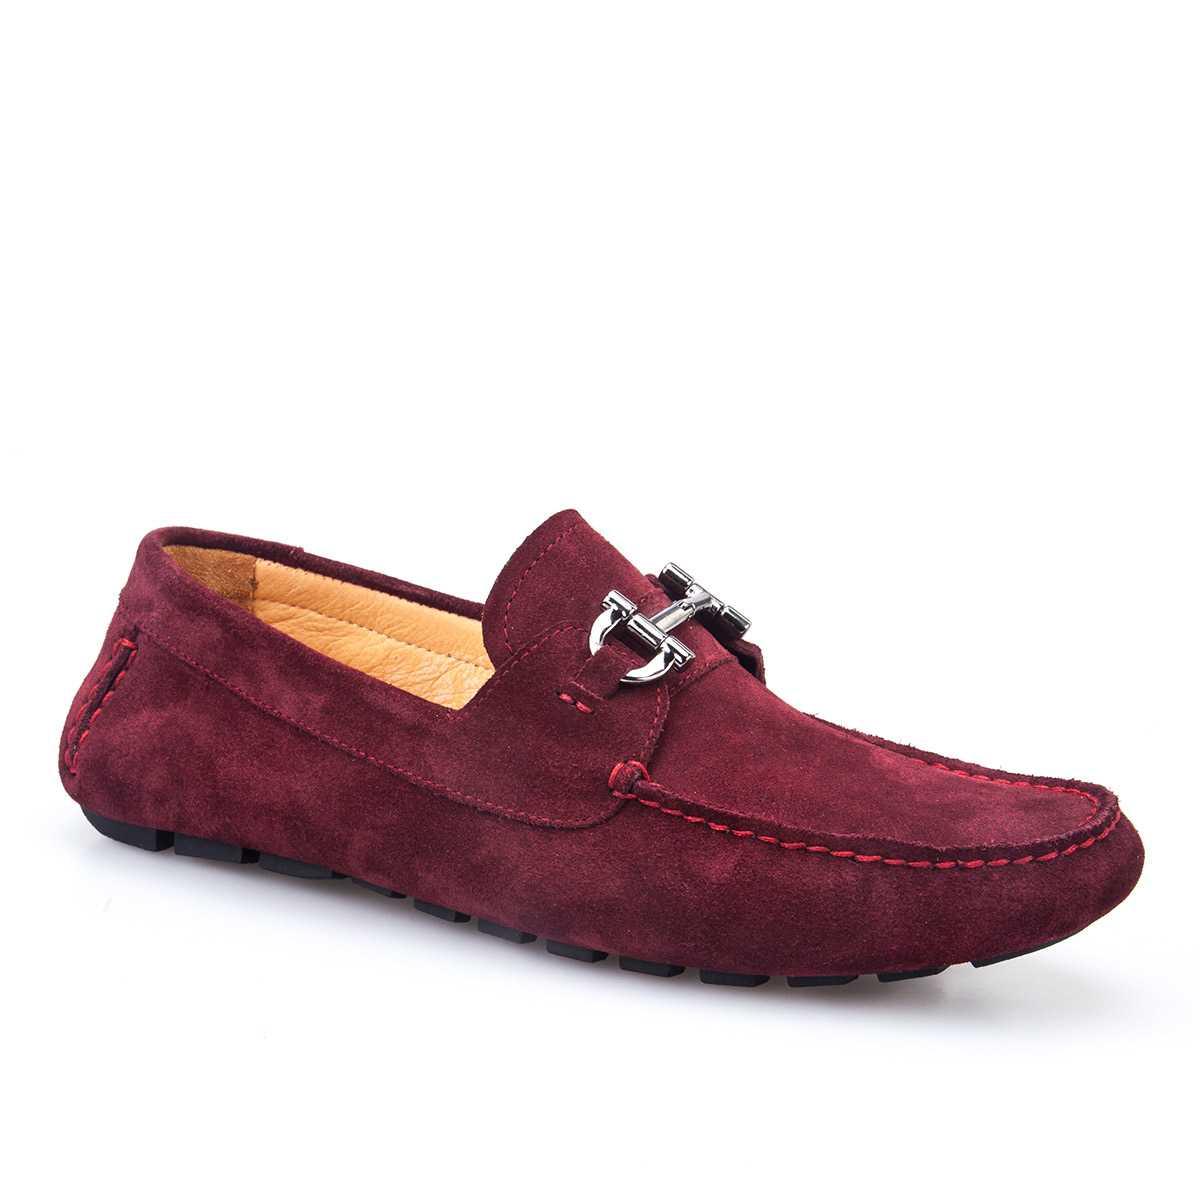 kahve falinda erkek ayakkabisi gormek - Erkek Ayakkabısı